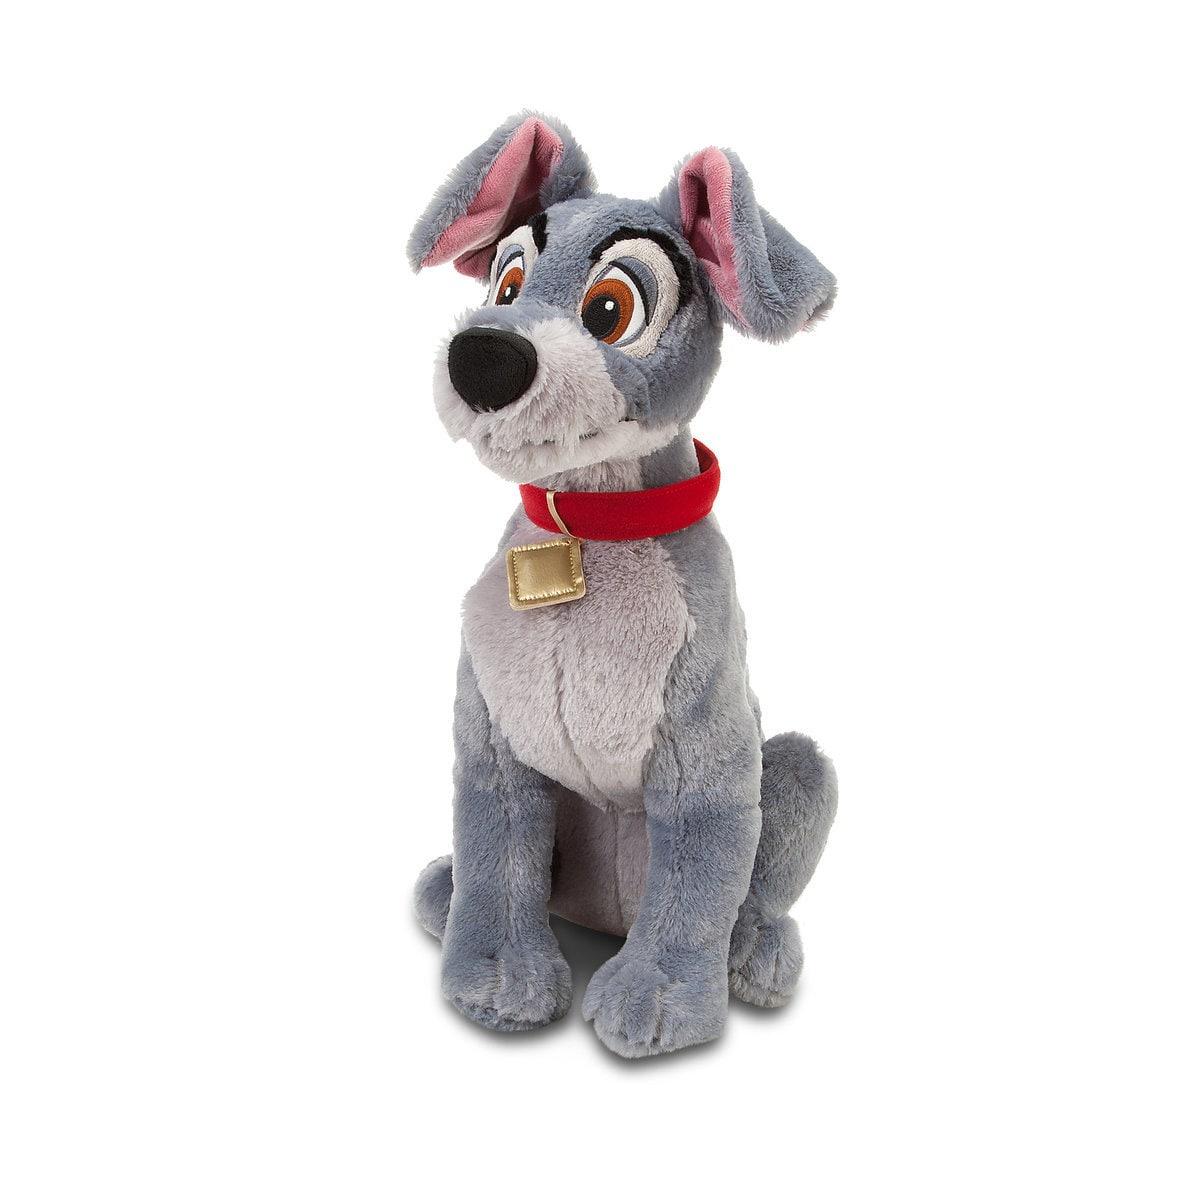 Мягкая игрушка Леди и Бродяга Дисней собака Бродяга Disney фигурка декоративная disney леди и бродяга 16 5 см